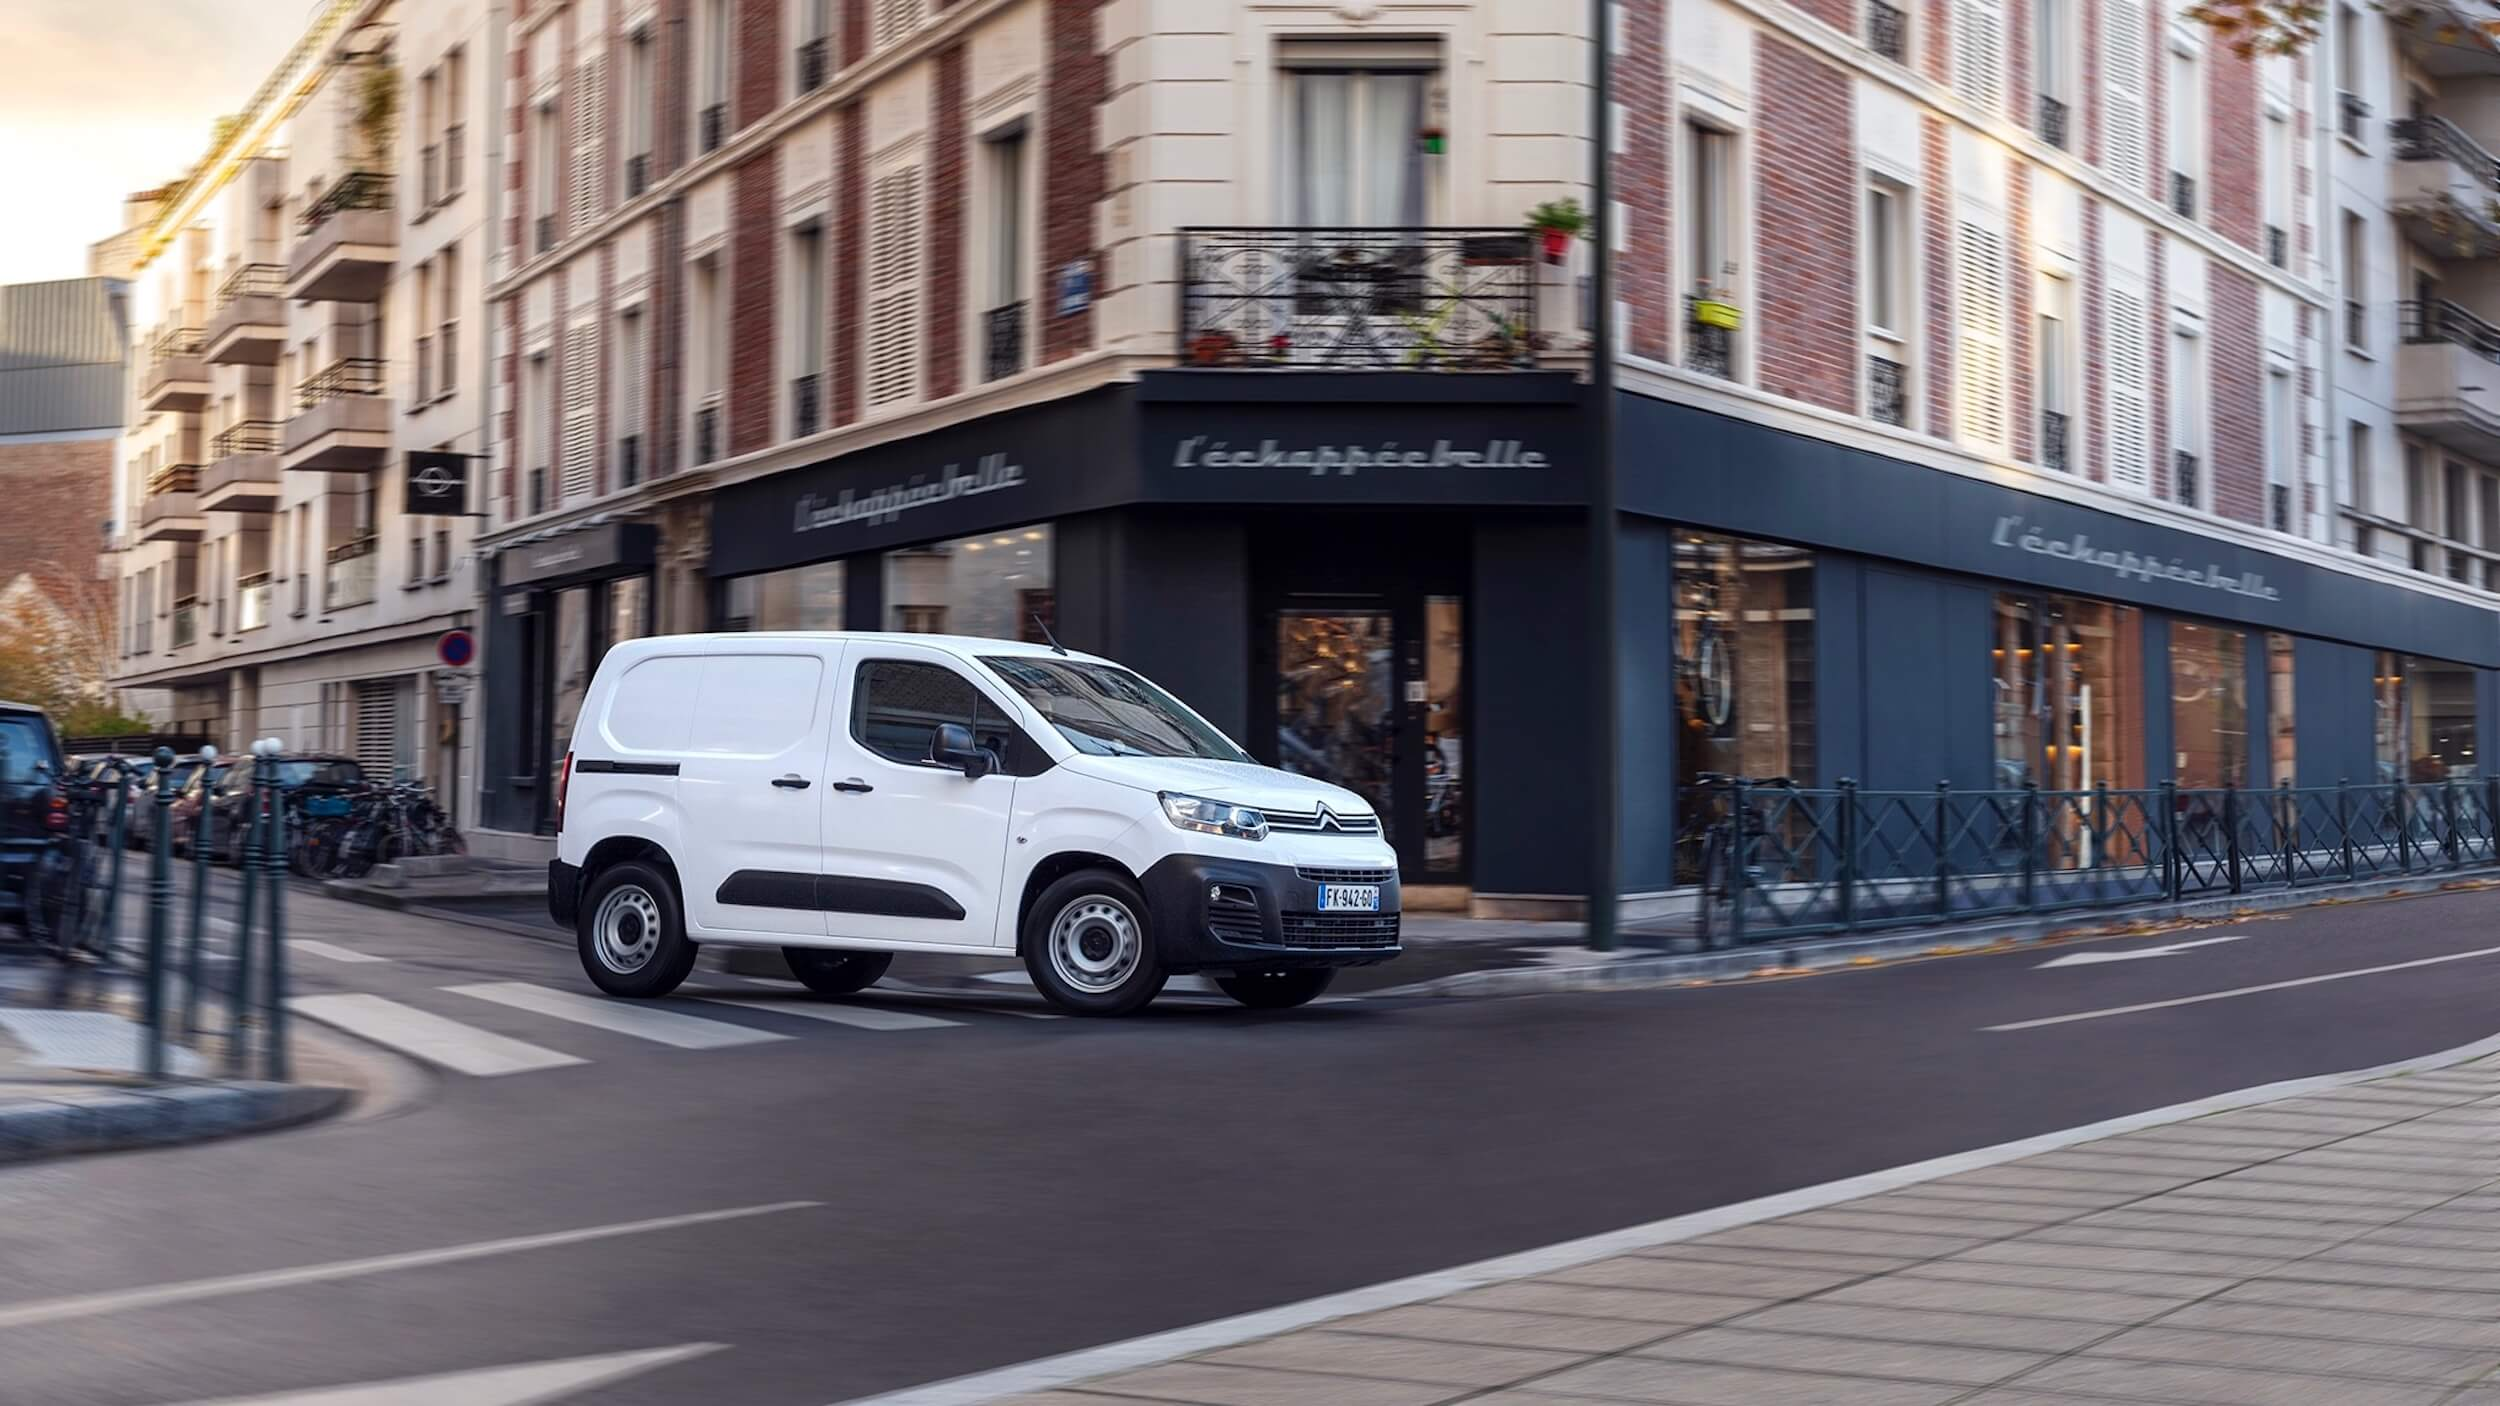 Citroën ë Berlingo furgão elétrico